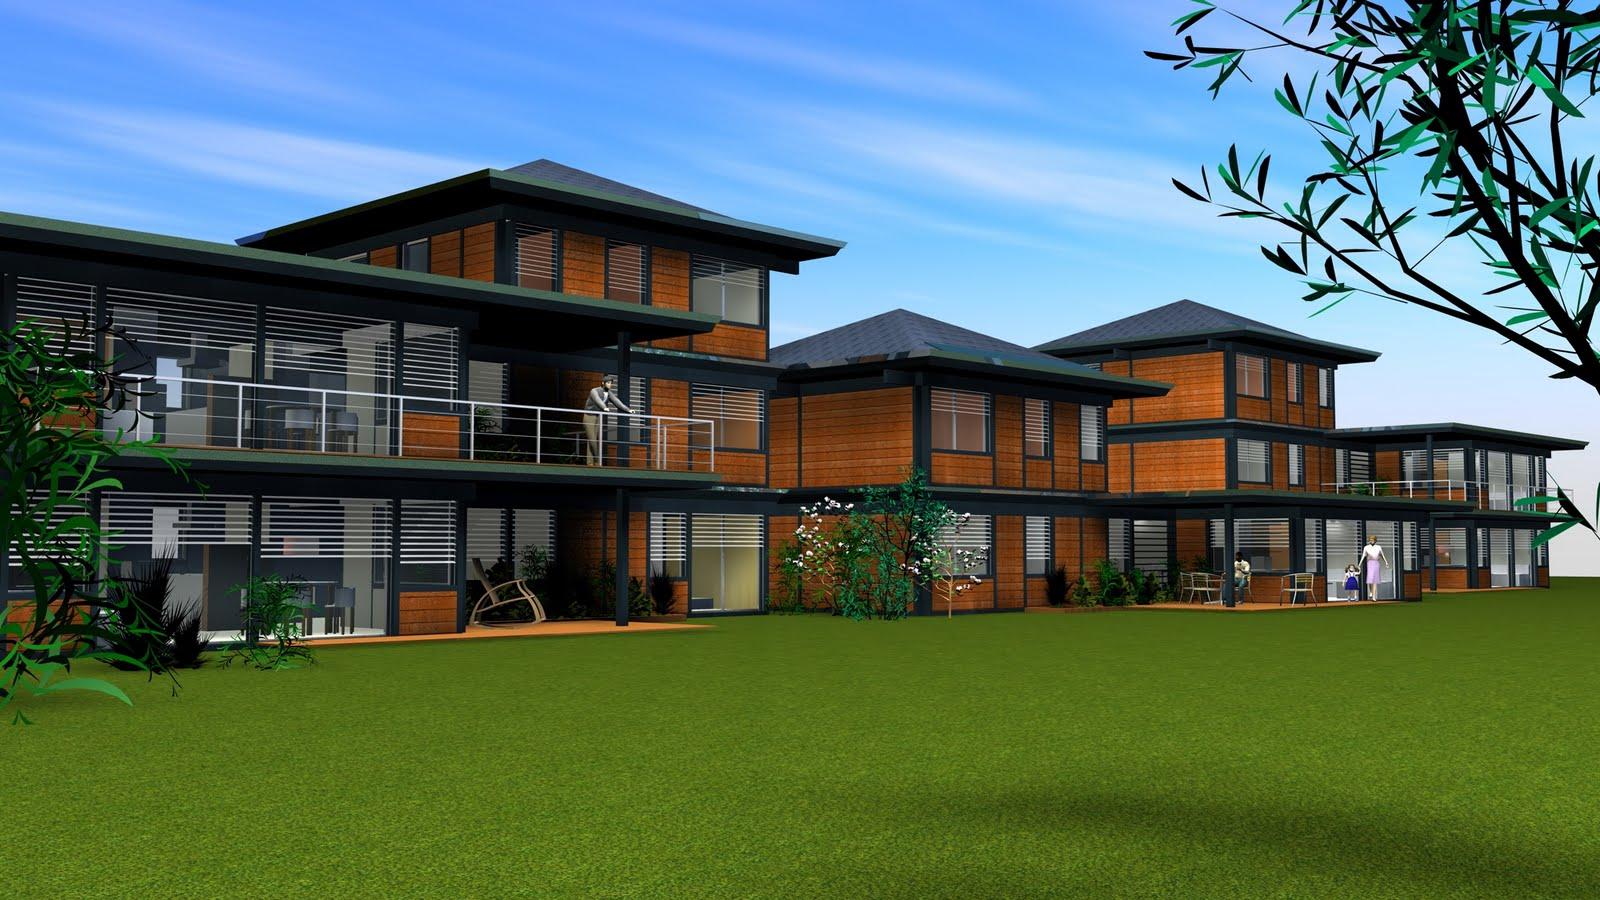 cl mence peign architecte d 39 int rieur cp ai visuels 3d allplan et cinema 4d. Black Bedroom Furniture Sets. Home Design Ideas